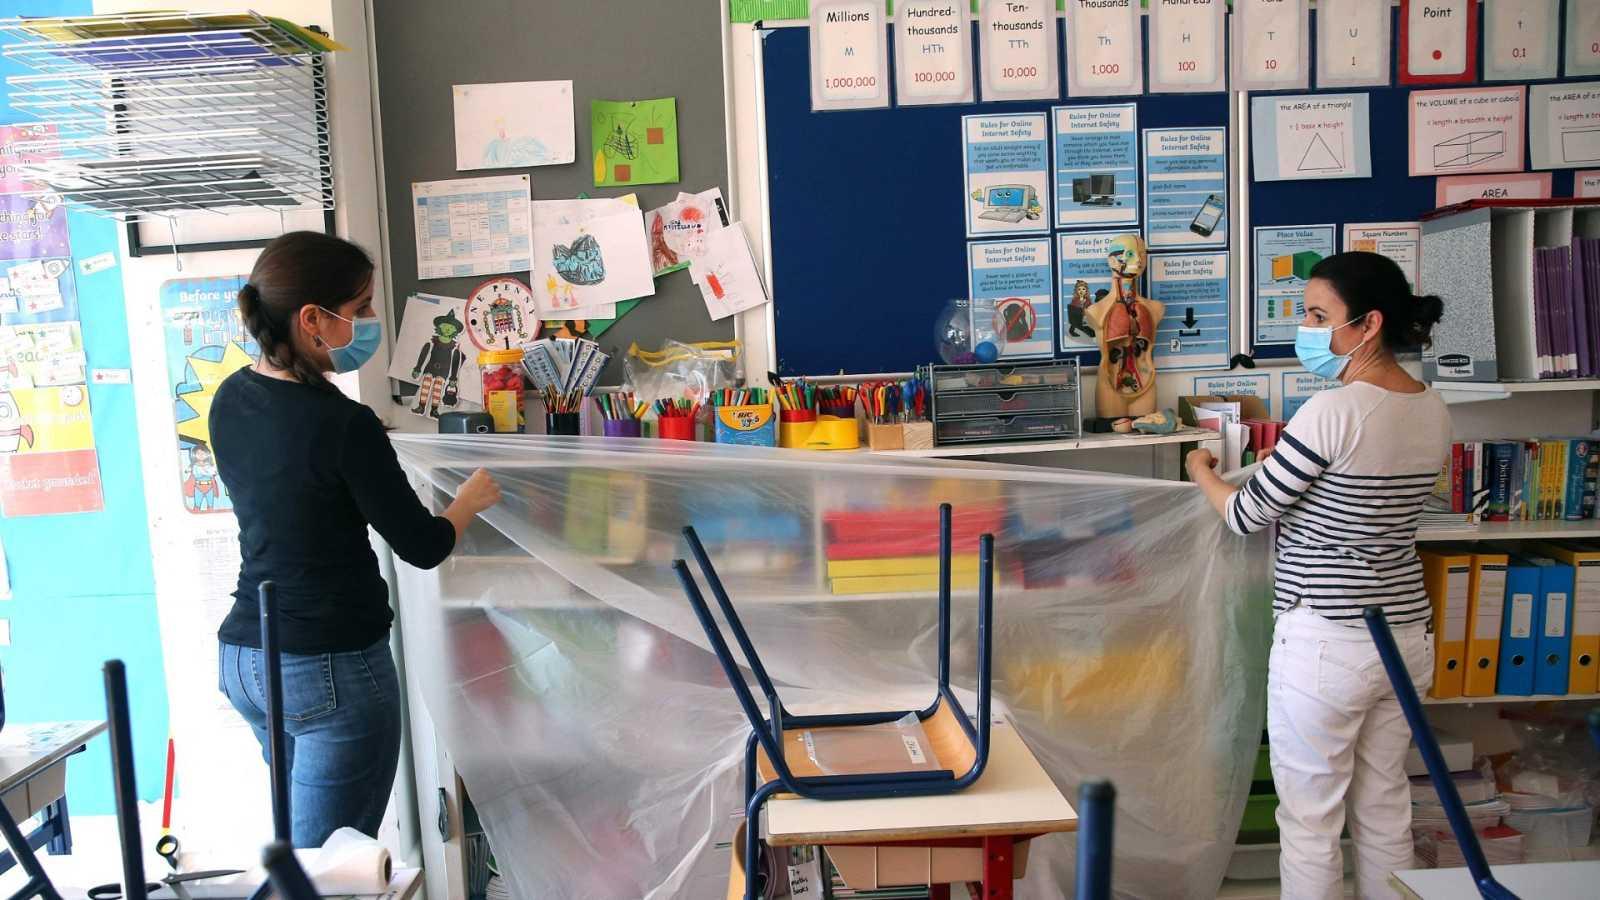 Dos profesoras cubren con plástico una estantería en un colegio de Londres.